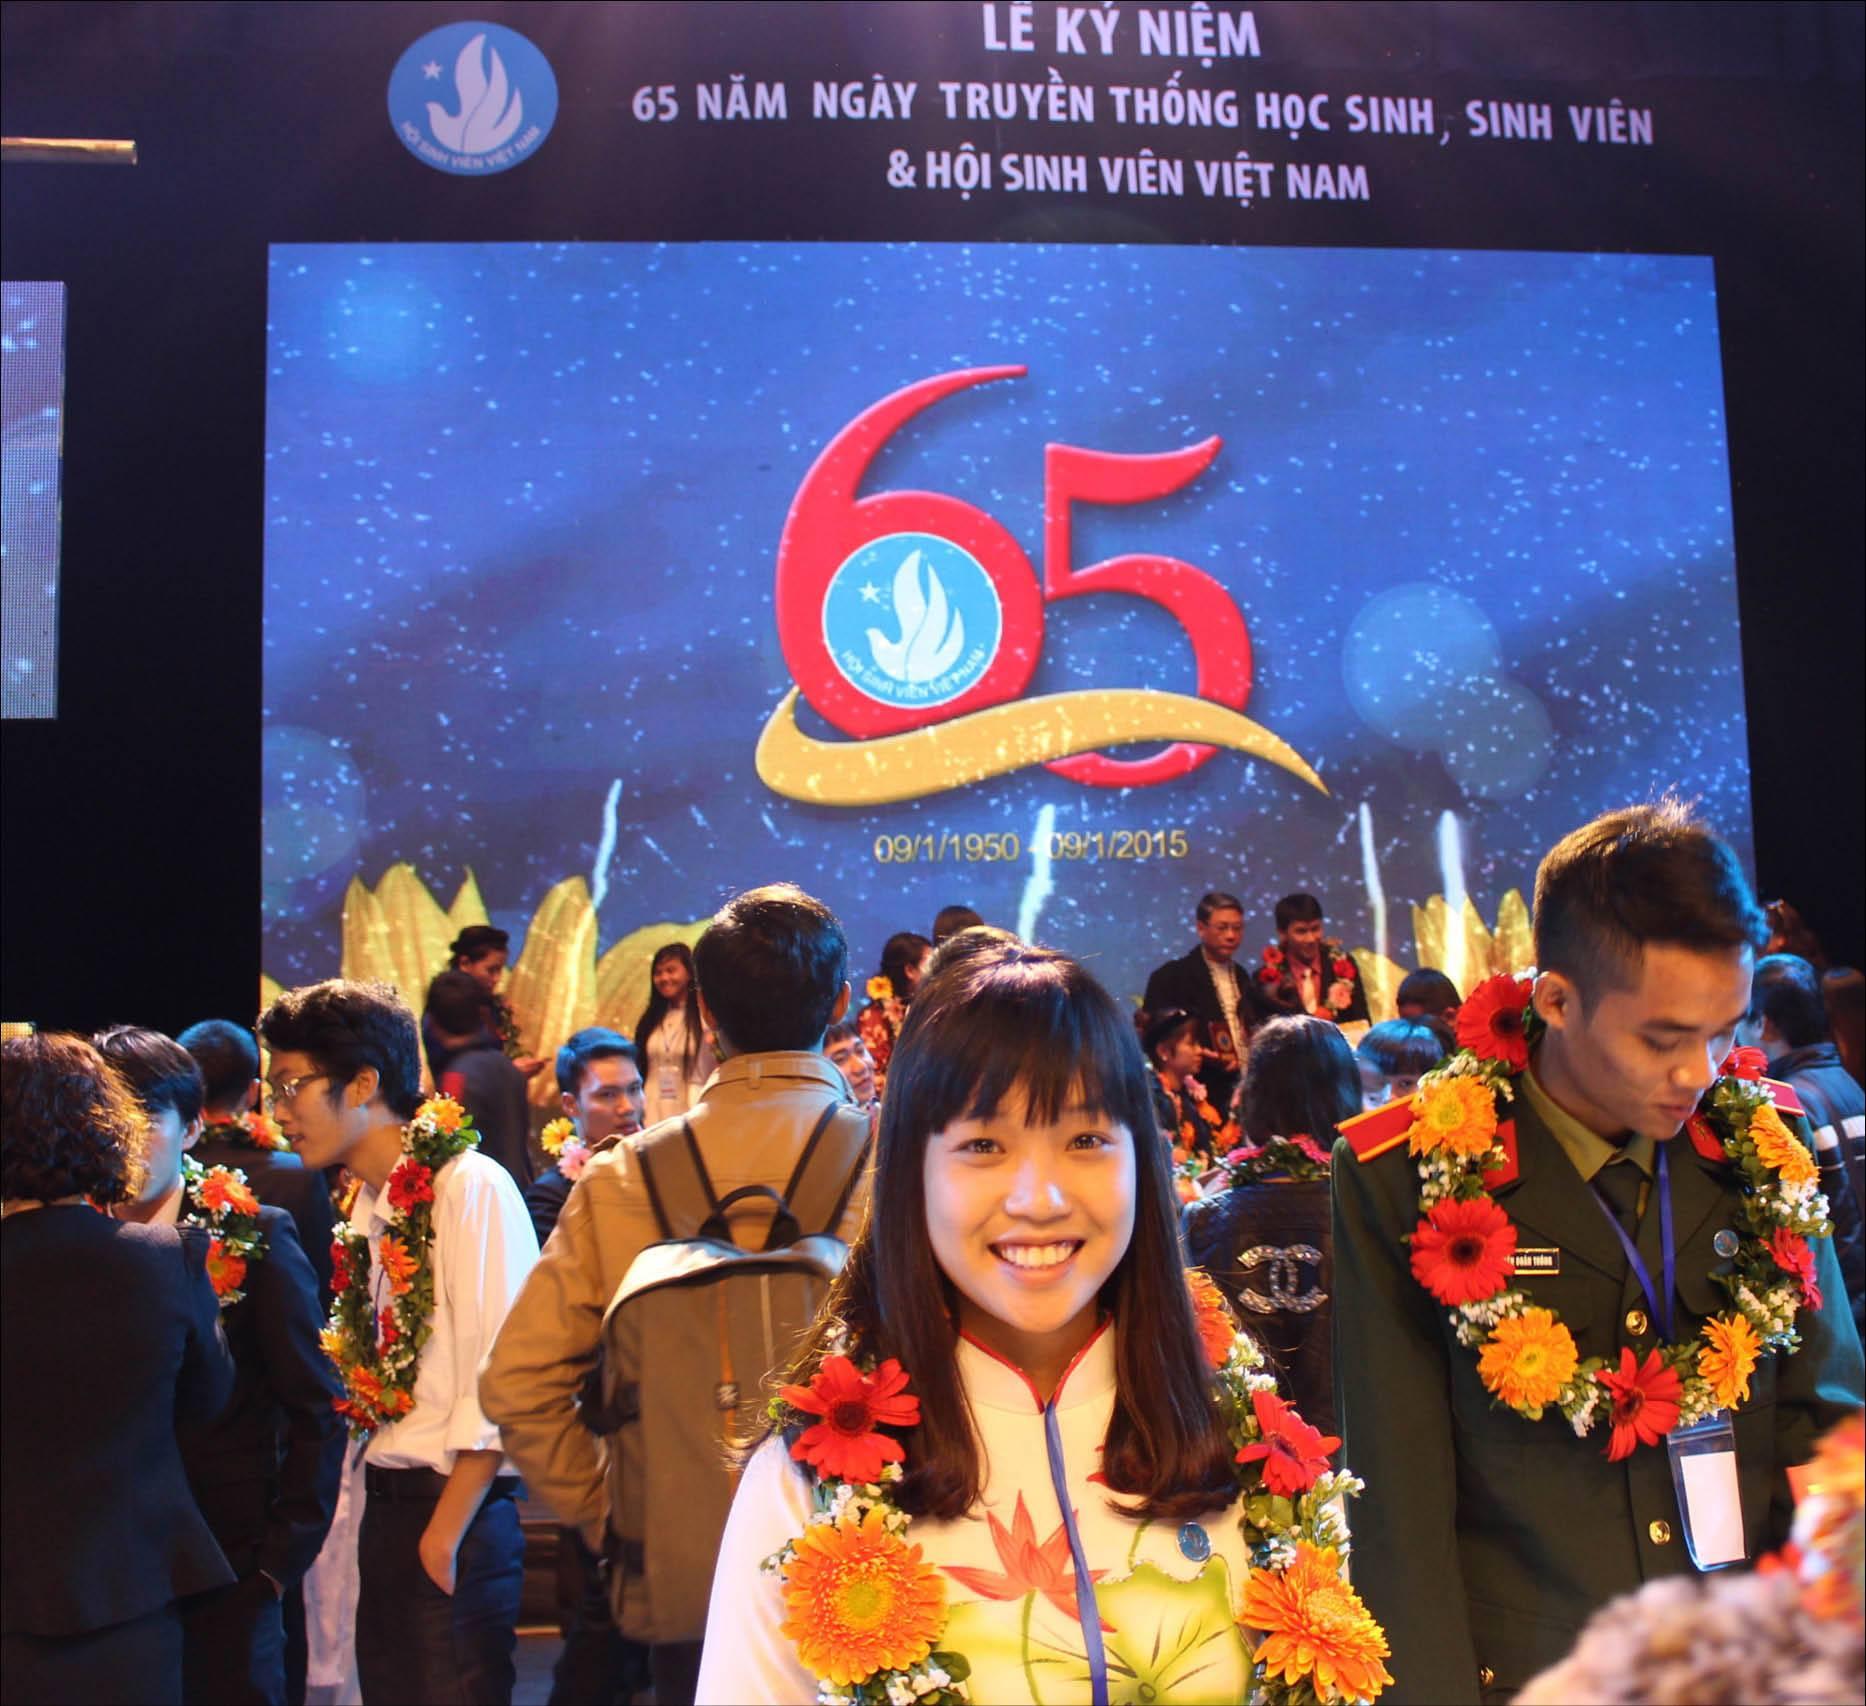 Lương Thanh Vân